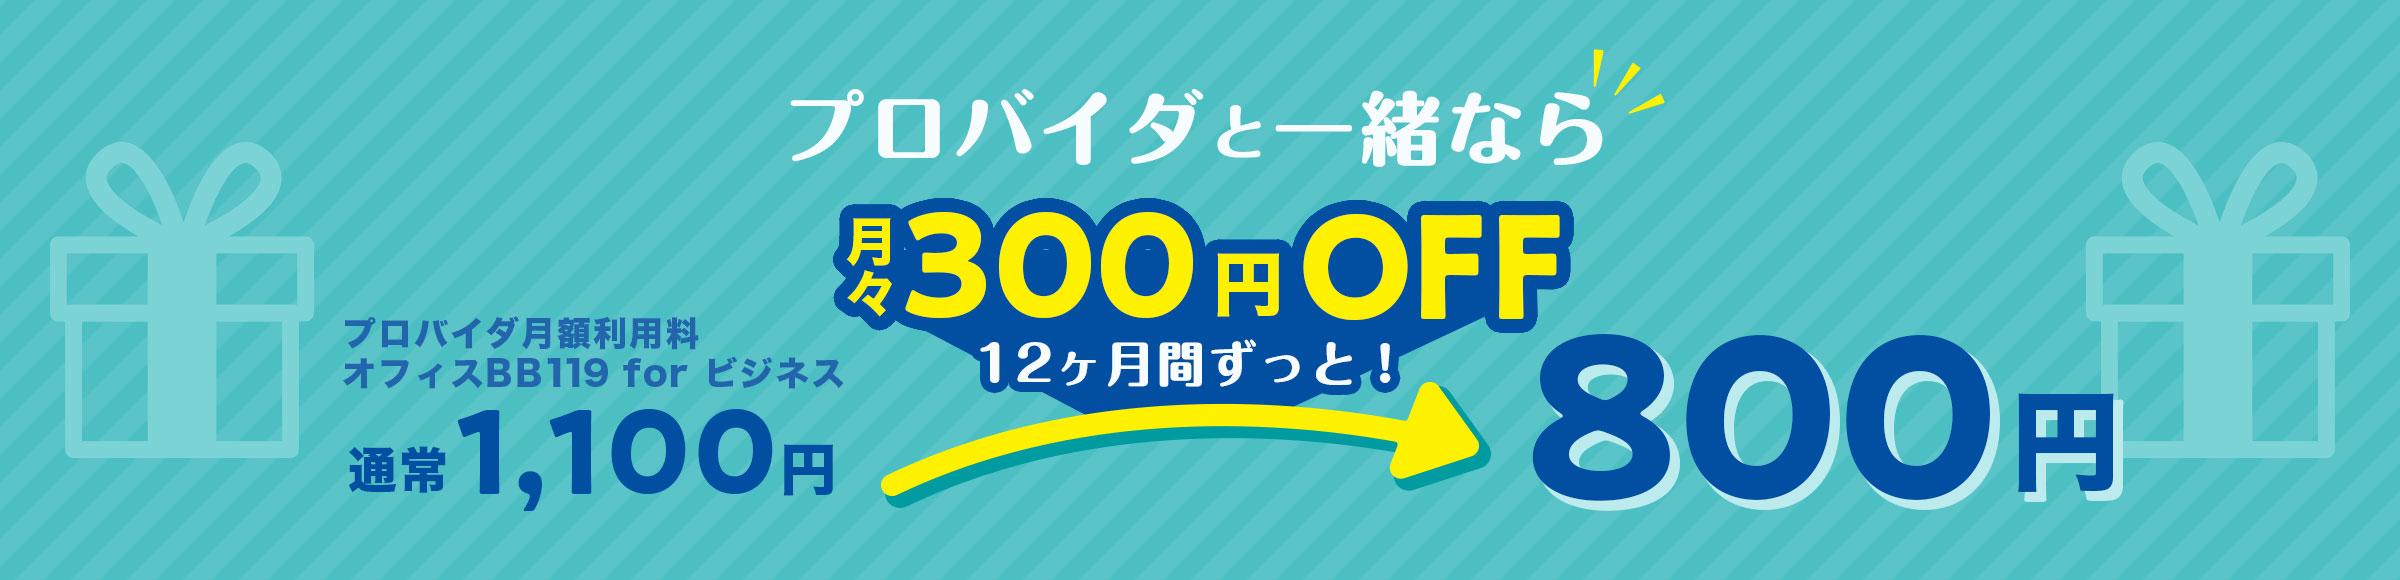 プロバイダと一緒なら月々300円OFF12ヶ月ずっとプロバイダ月額利用料オフィスBB119 for ビジネス 通常1,100円→800円